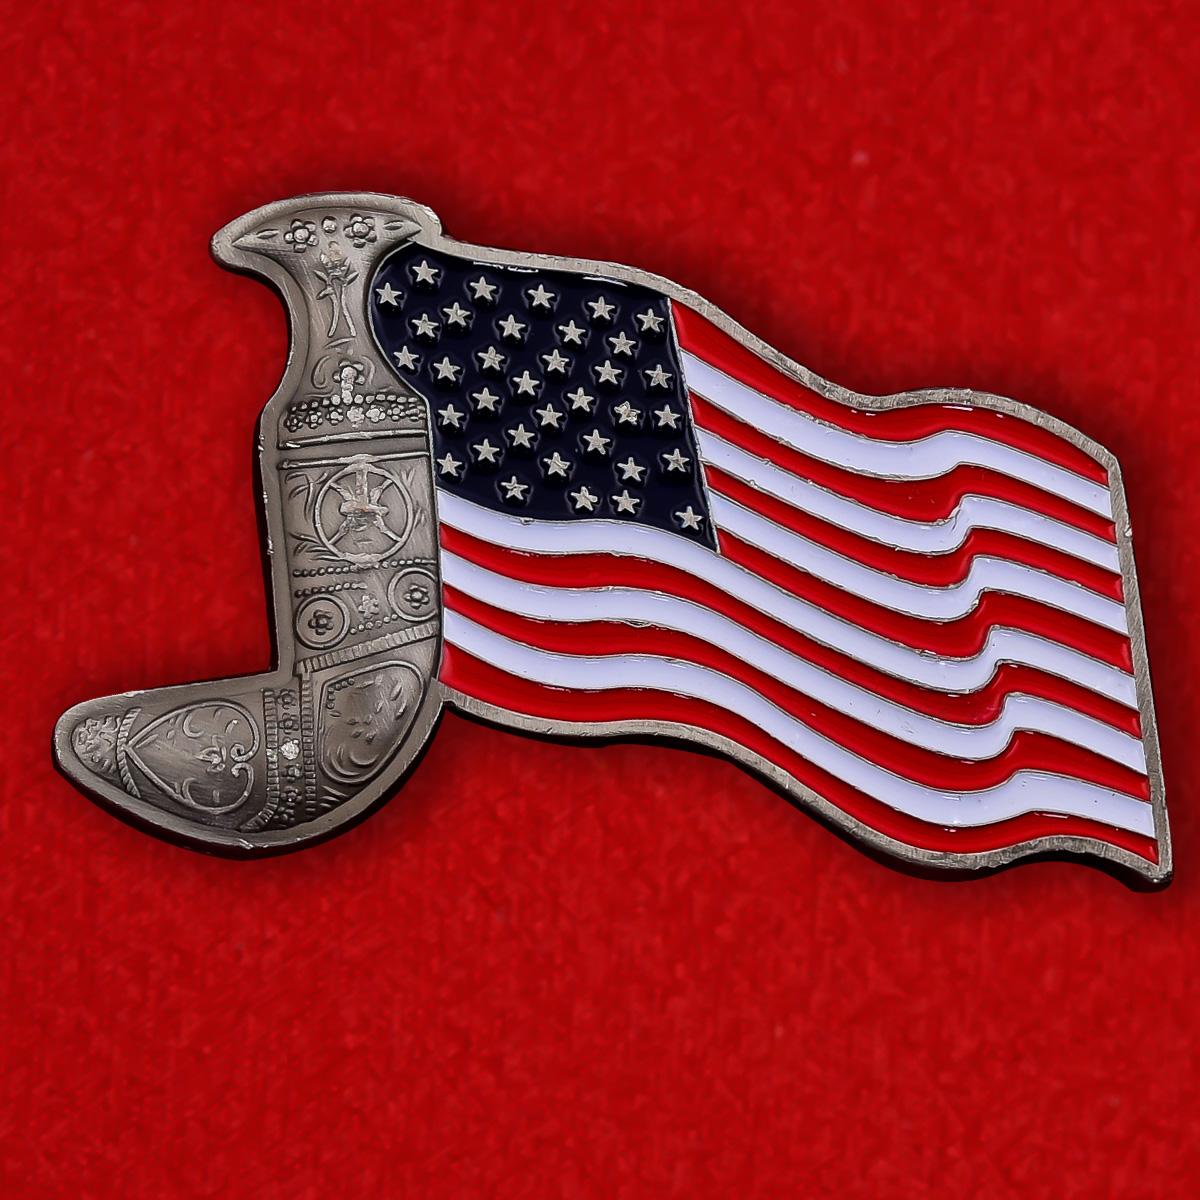 Челлендж коин Военно-технического представительства США в Маскате, Оман